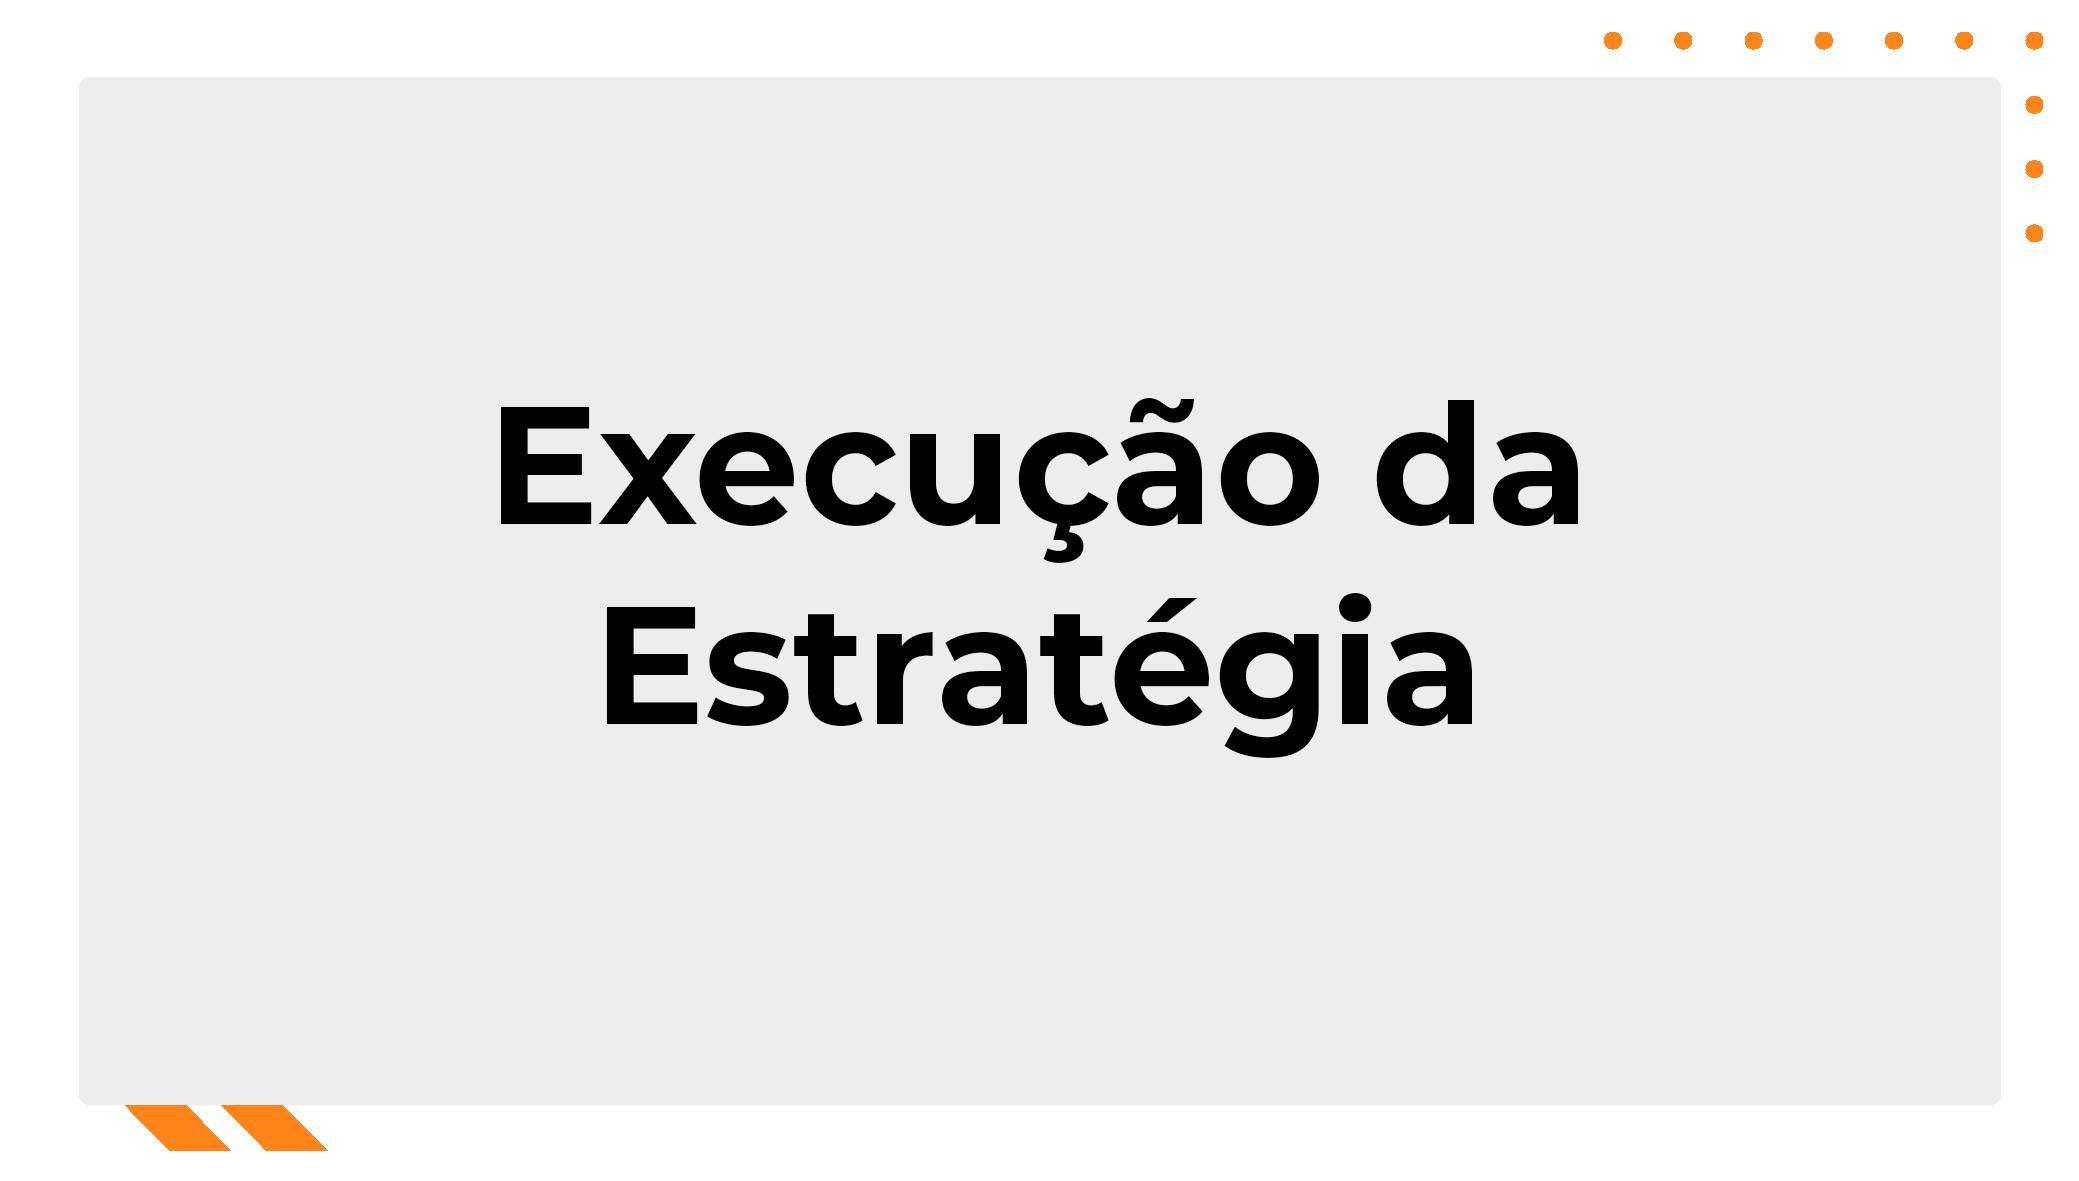 Execução da Estratégia